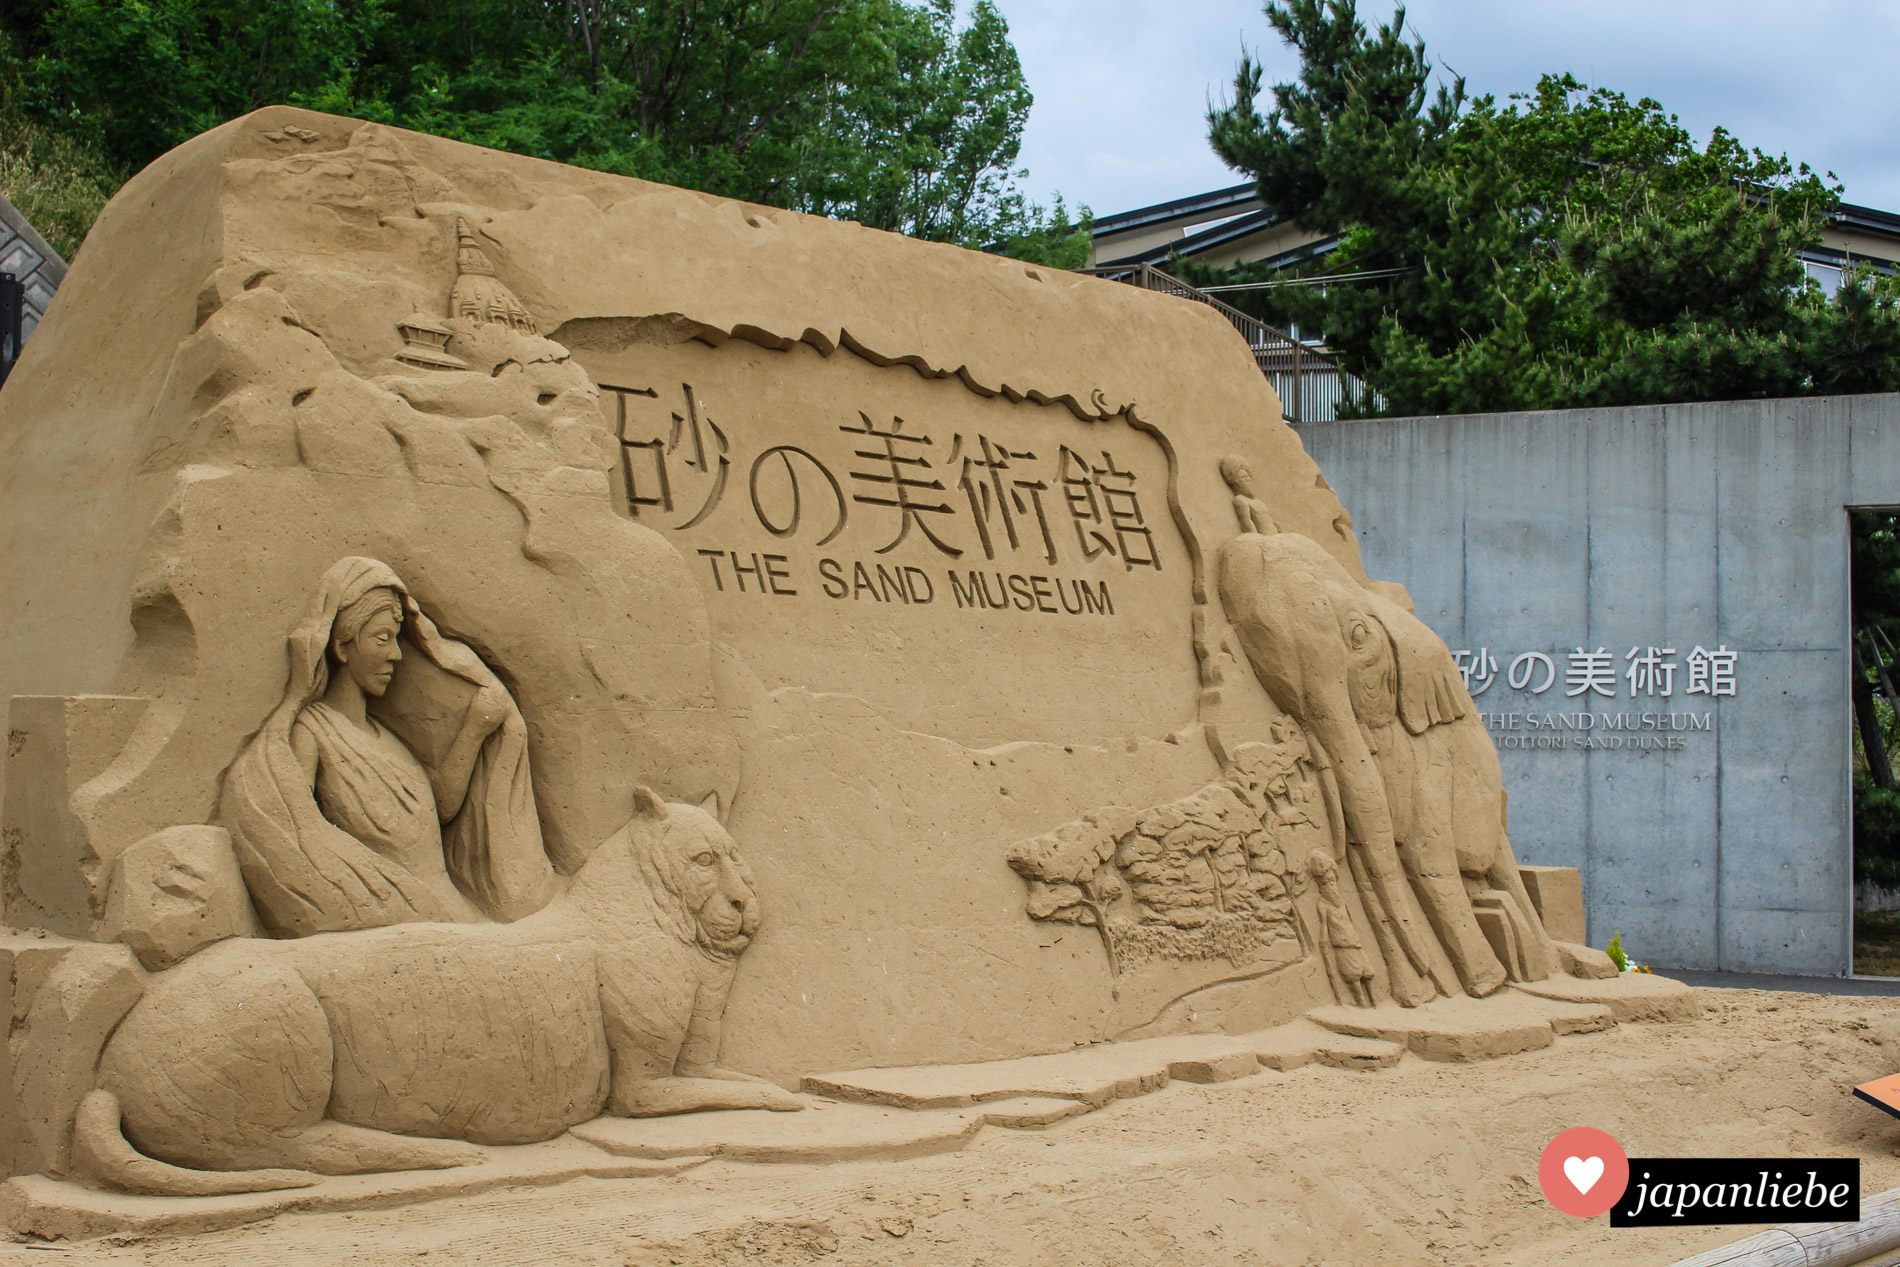 Bereits den Eingang zum Sandmuseum ziert eines der vergänglichen Kunstwerke.